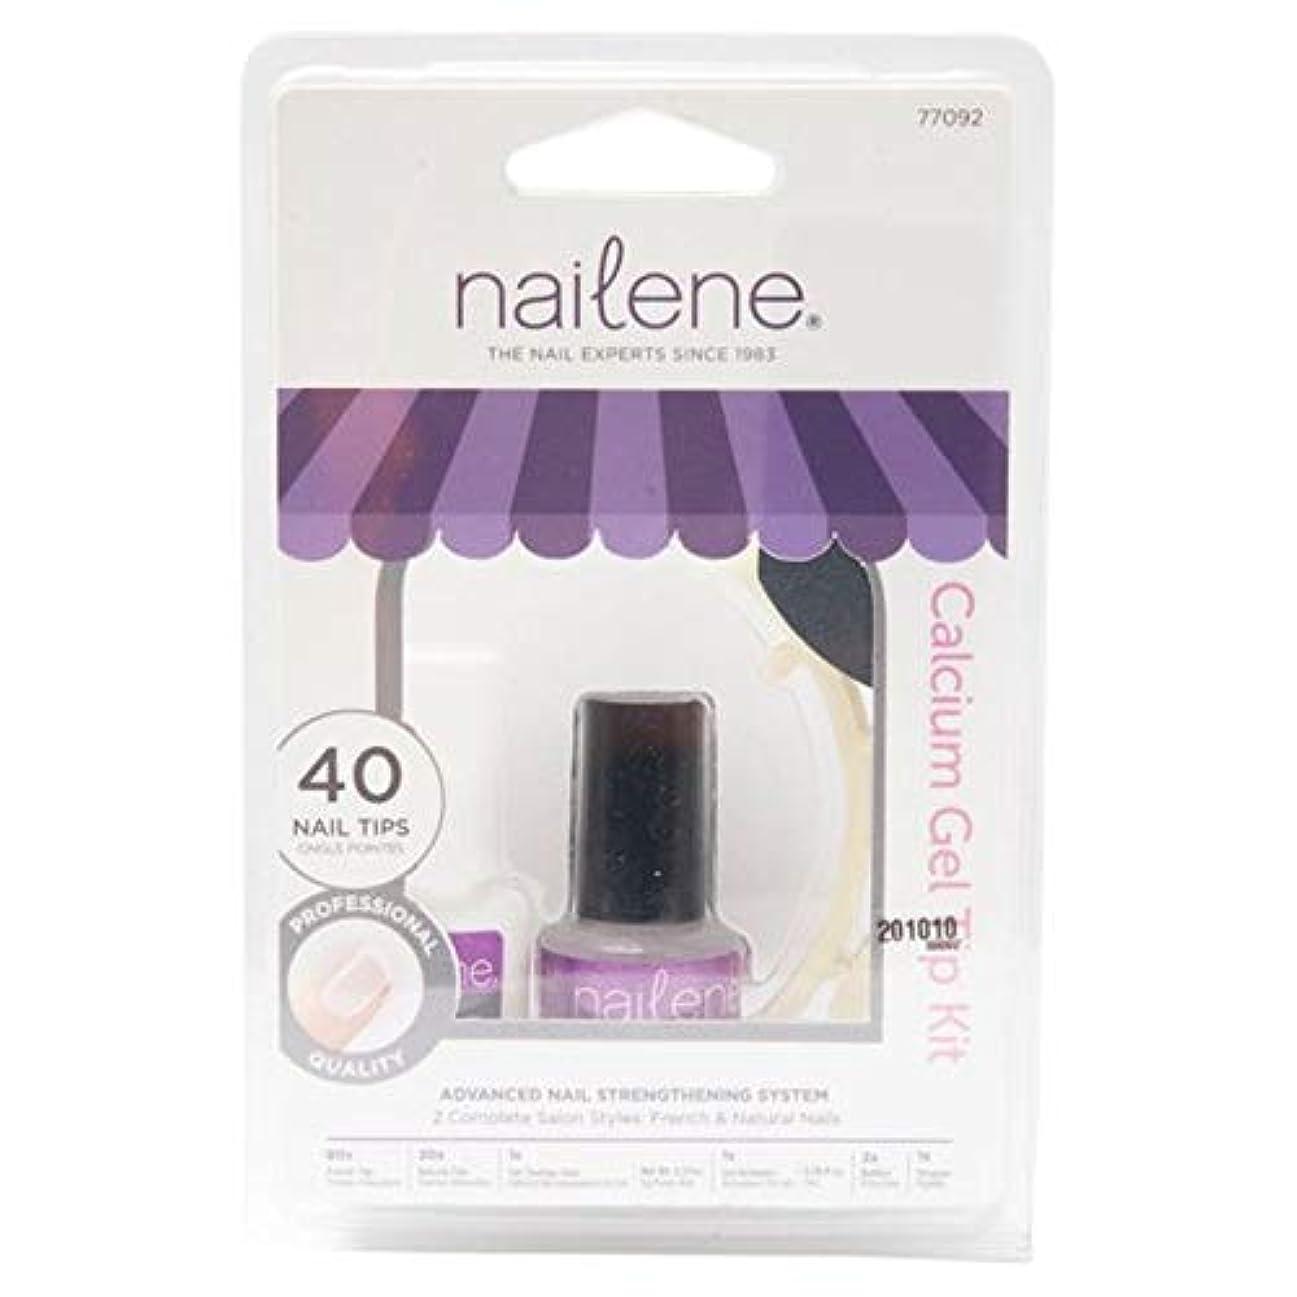 仲人ディーラーアリス[Nailene] Naileneカルシウムゲルキット77092 - Nailene Calcium Gel Kit 77092 [並行輸入品]